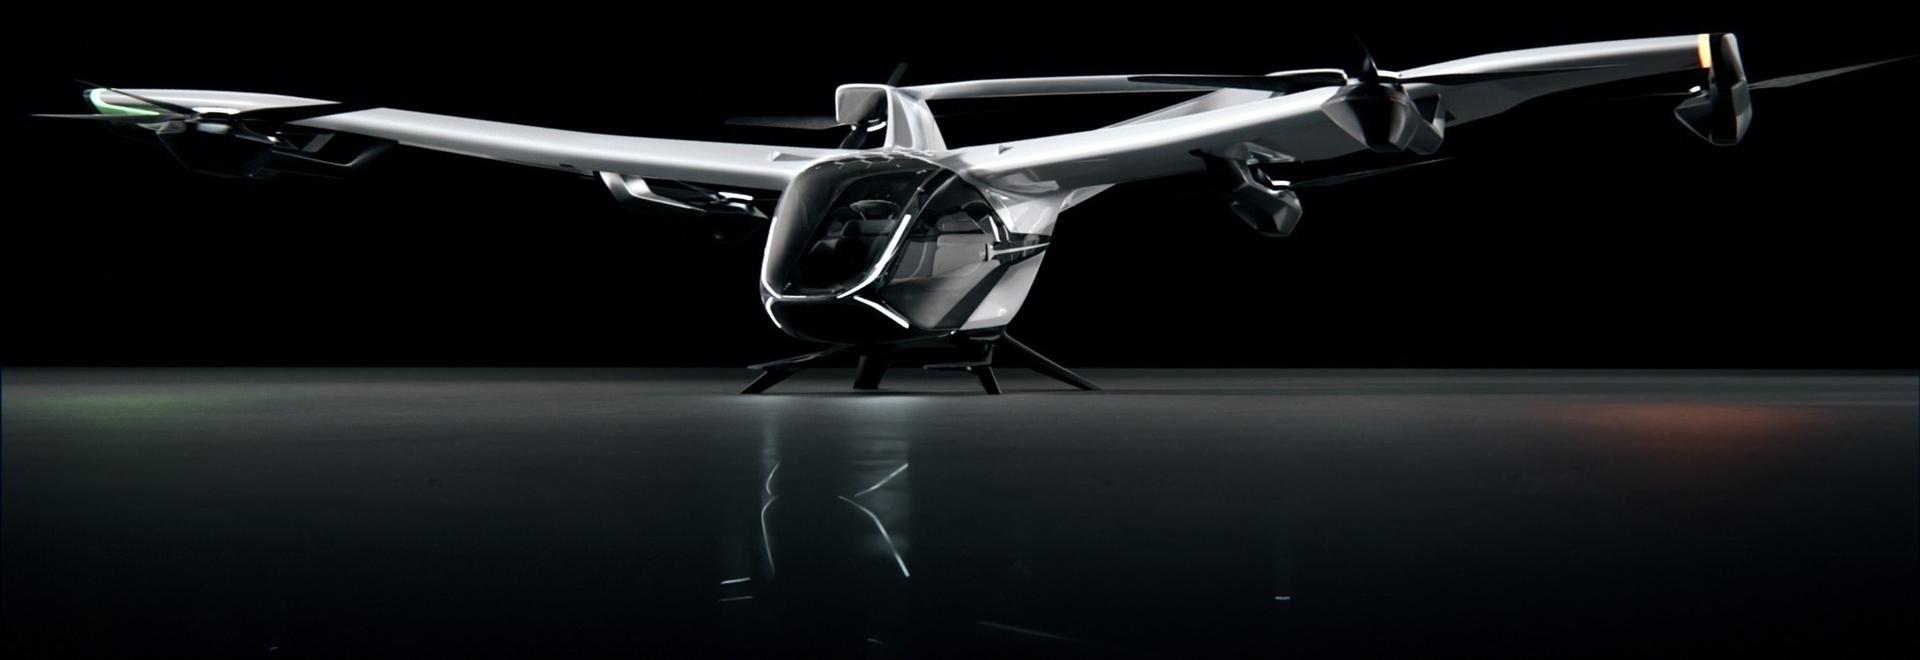 Airbus reveals the next generation of CityAirbus